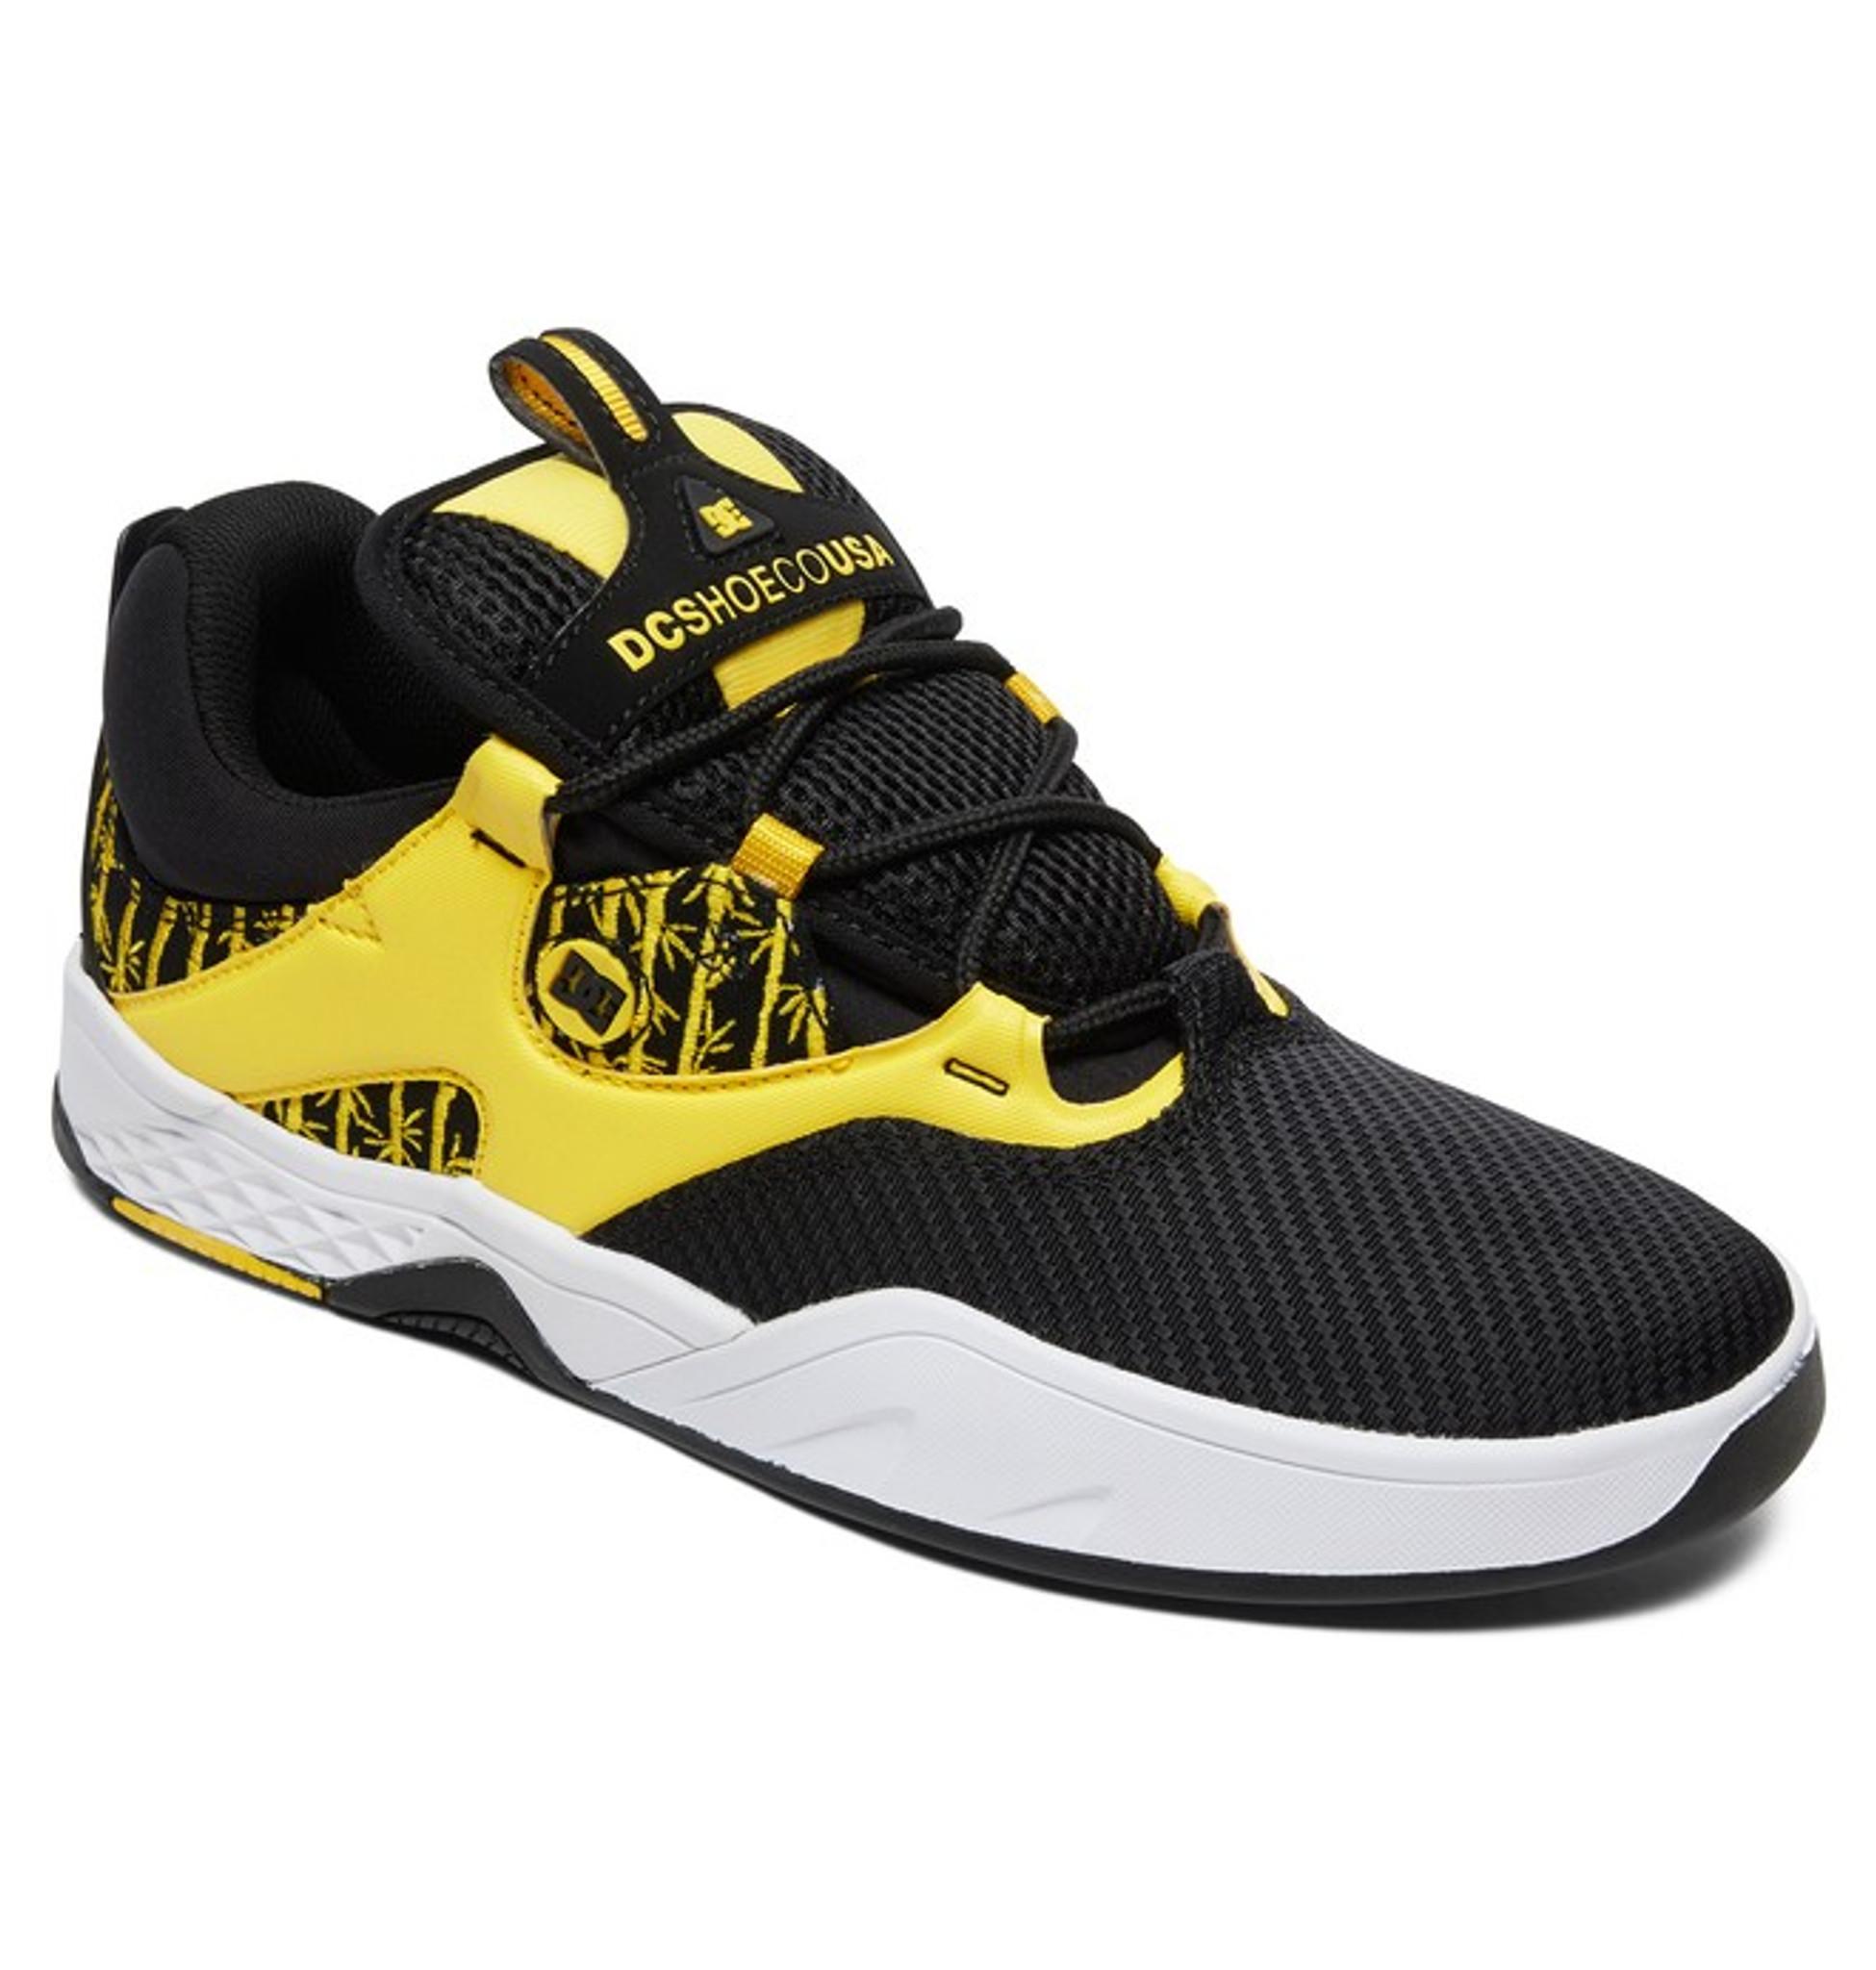 DC Kalis S TX SE Black Yellow Sneakers